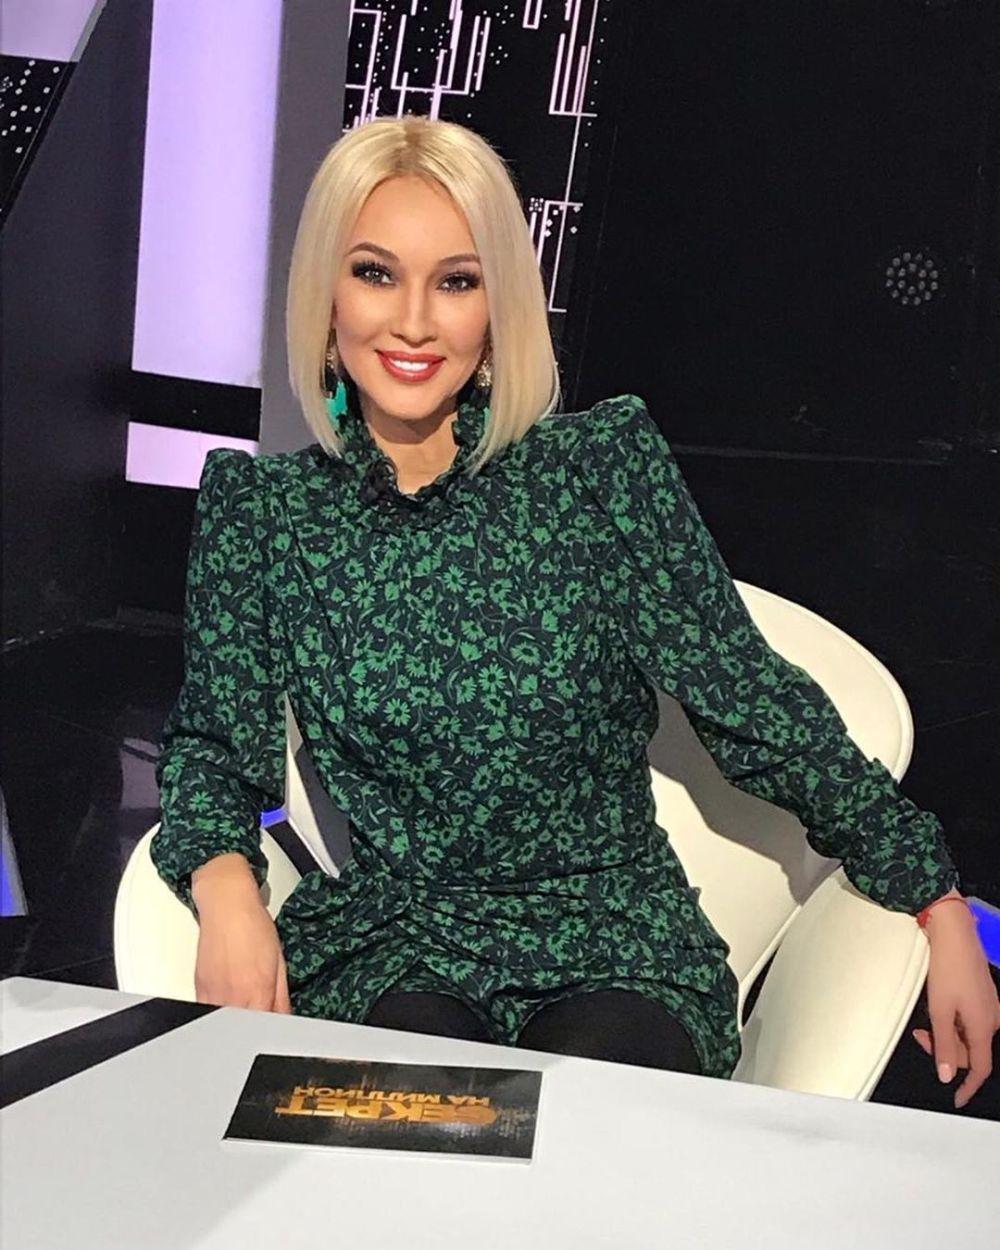 Лера Кудрявцева вернулась к работе после удаления грудных имплантов — фото